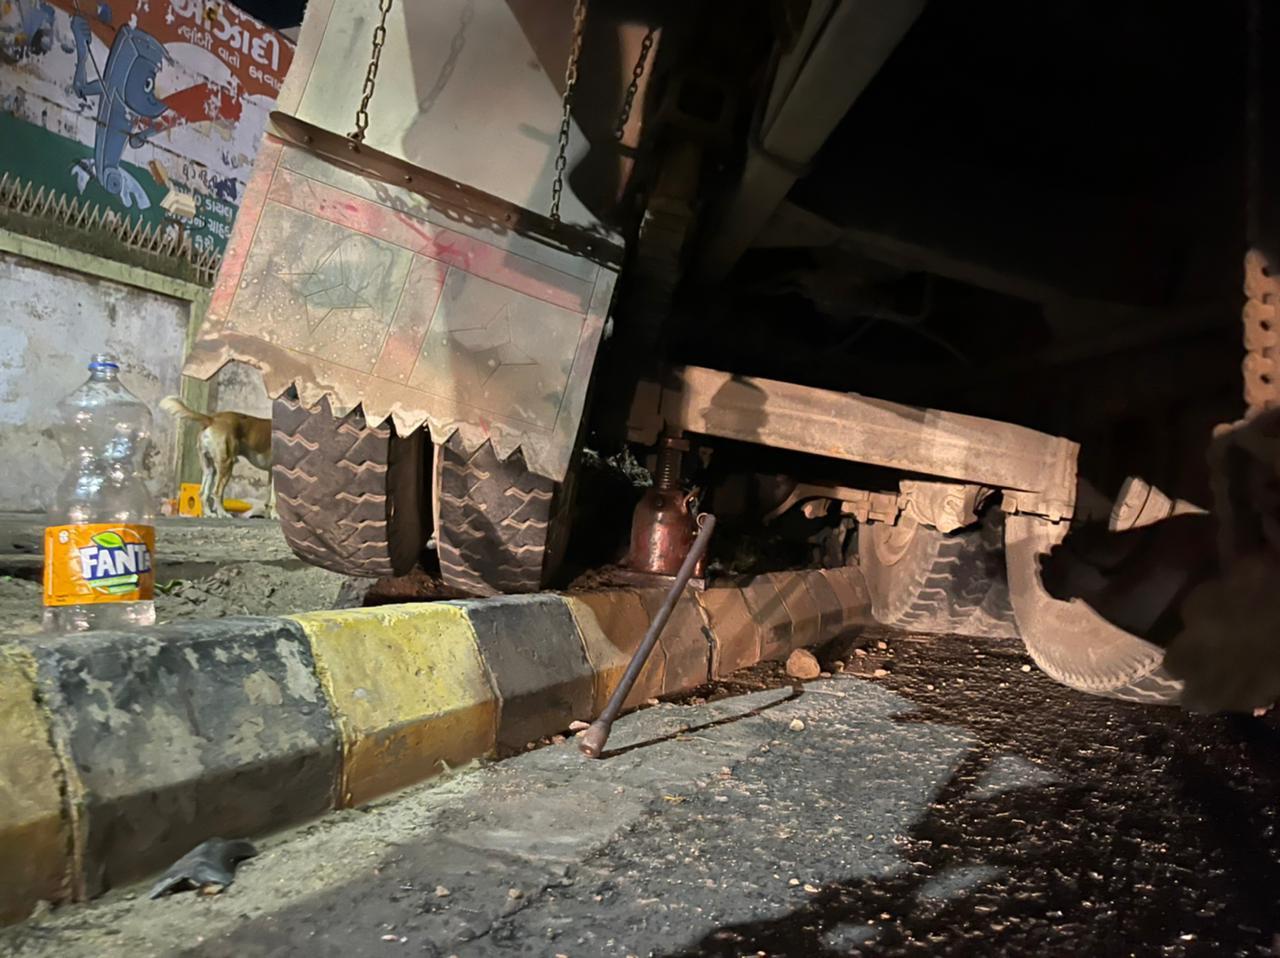 રૈયા ટેલિફોન એક્સચેન્જ પાસે ટ્રક નીચે મહિલા ફસાઈ તો કાલાવાડ રોડ પર બે કાર સામસામે અથડાતા દુર્ઘટના સર્જાઈ રાજકોટ,Rajkot - Divya Bhaskar